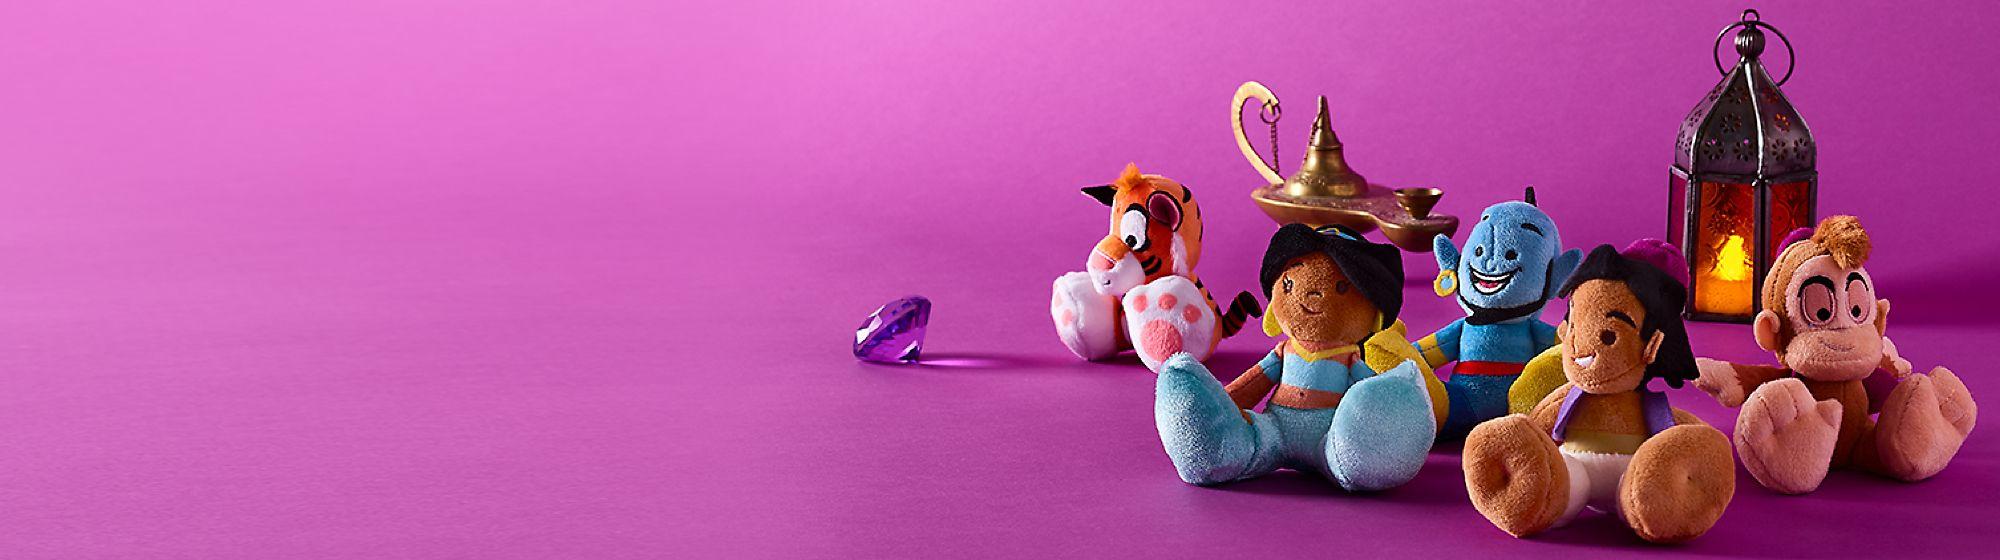 Peluches Tiny Big Feet Découvrez nos nouvelles peluches à collectionner pour de grandes mini aventures ! DÉCOUVRIR